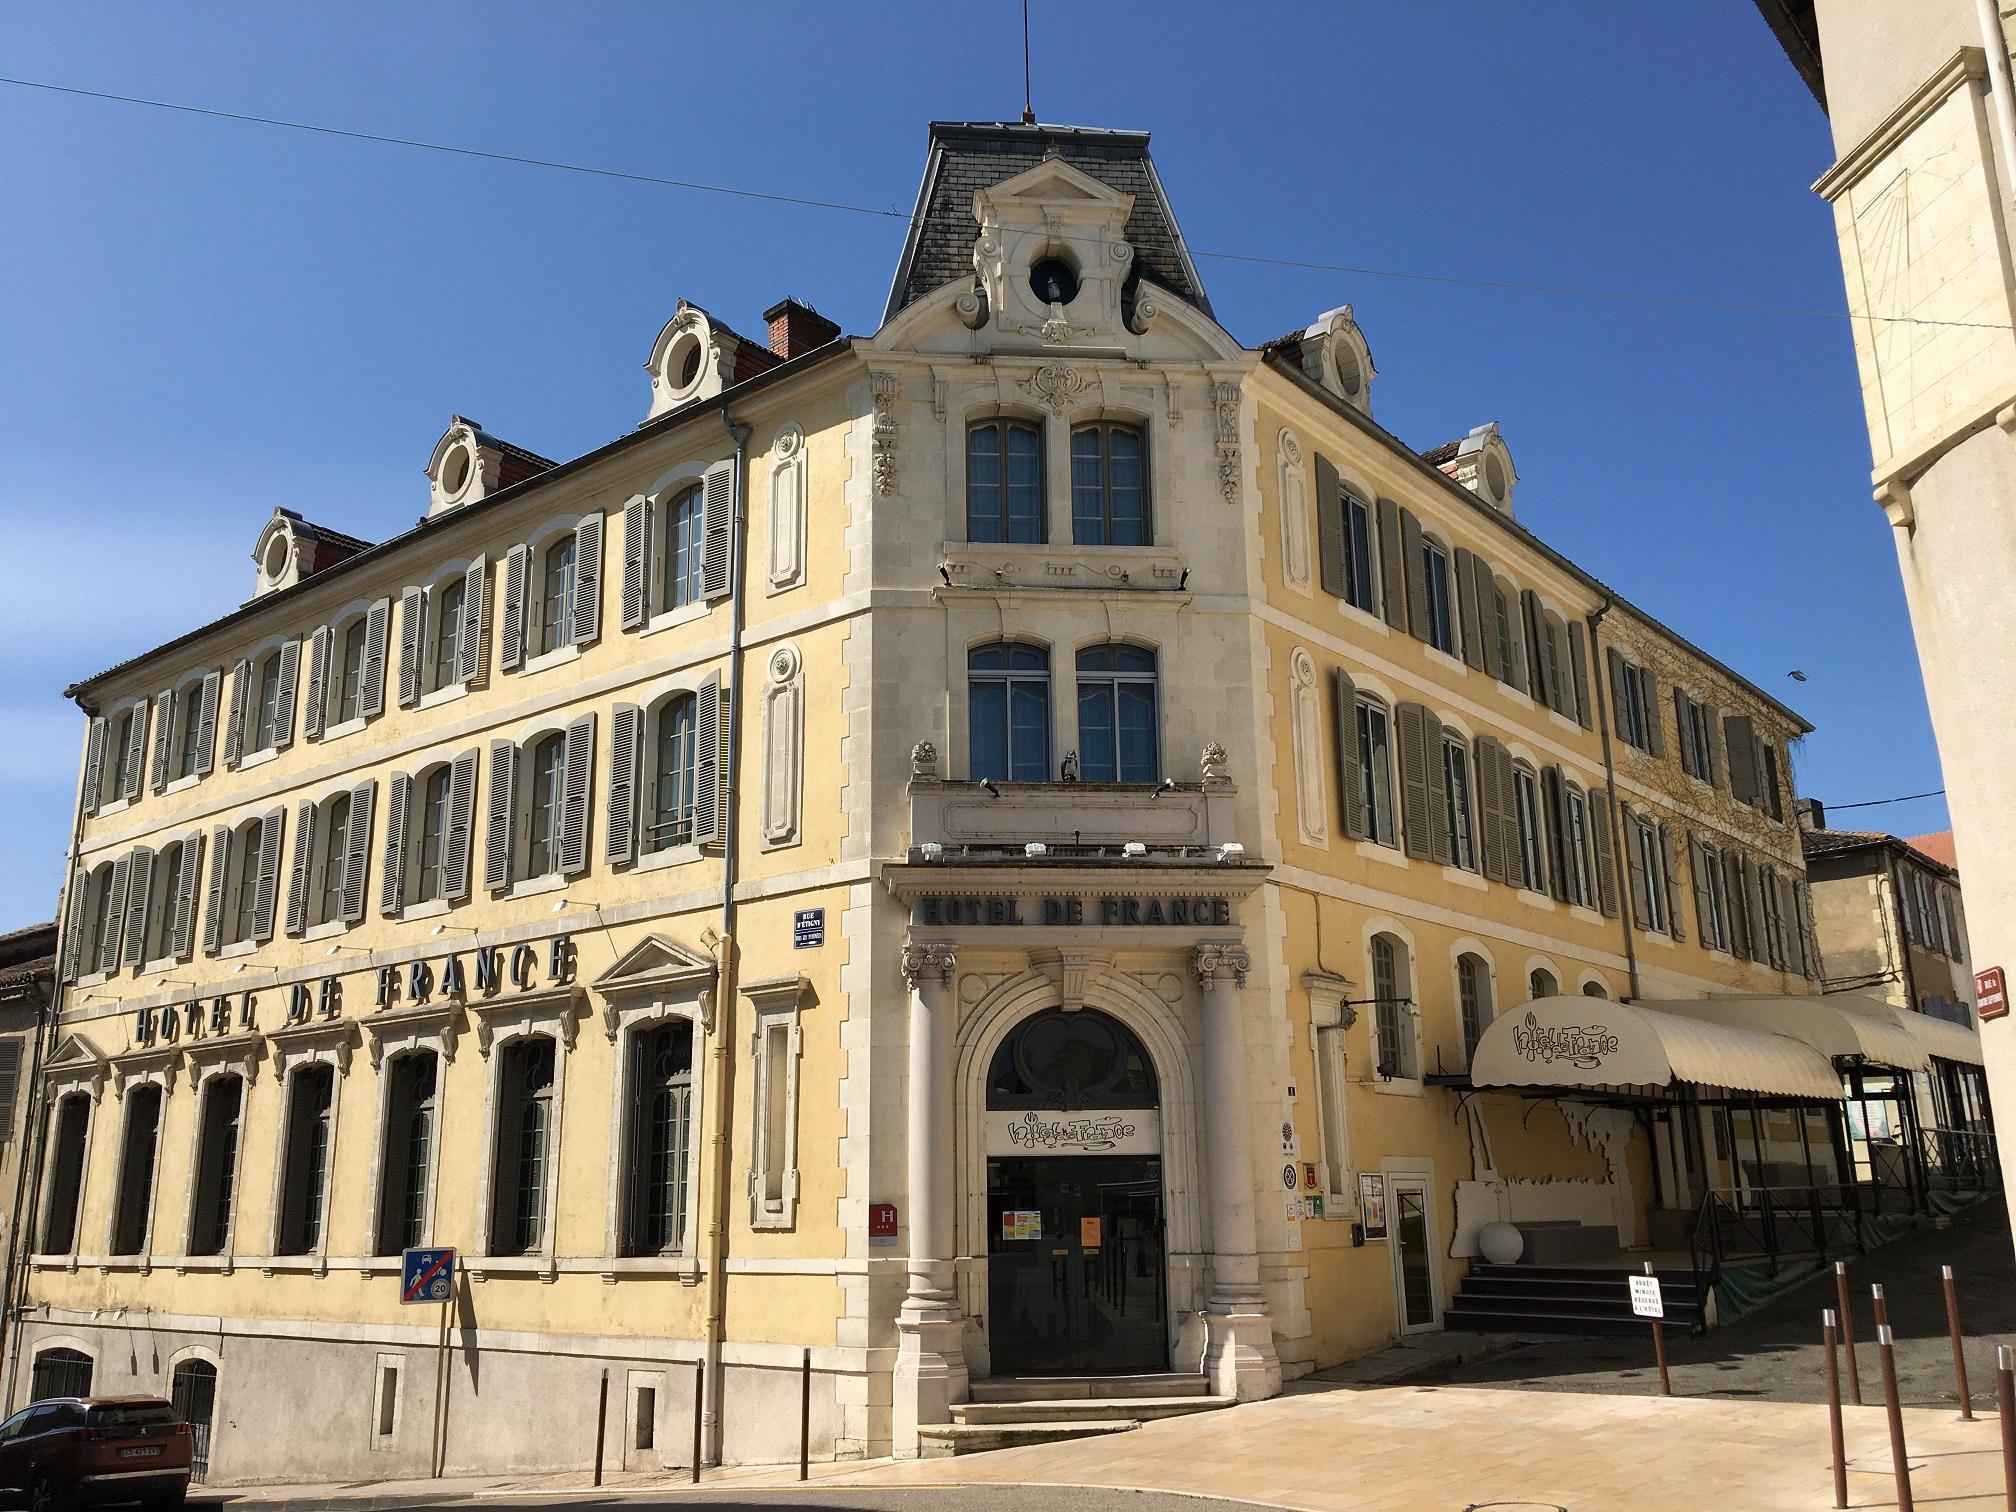 Hotel de france Auch - Actualités - HOTEL OUVERT